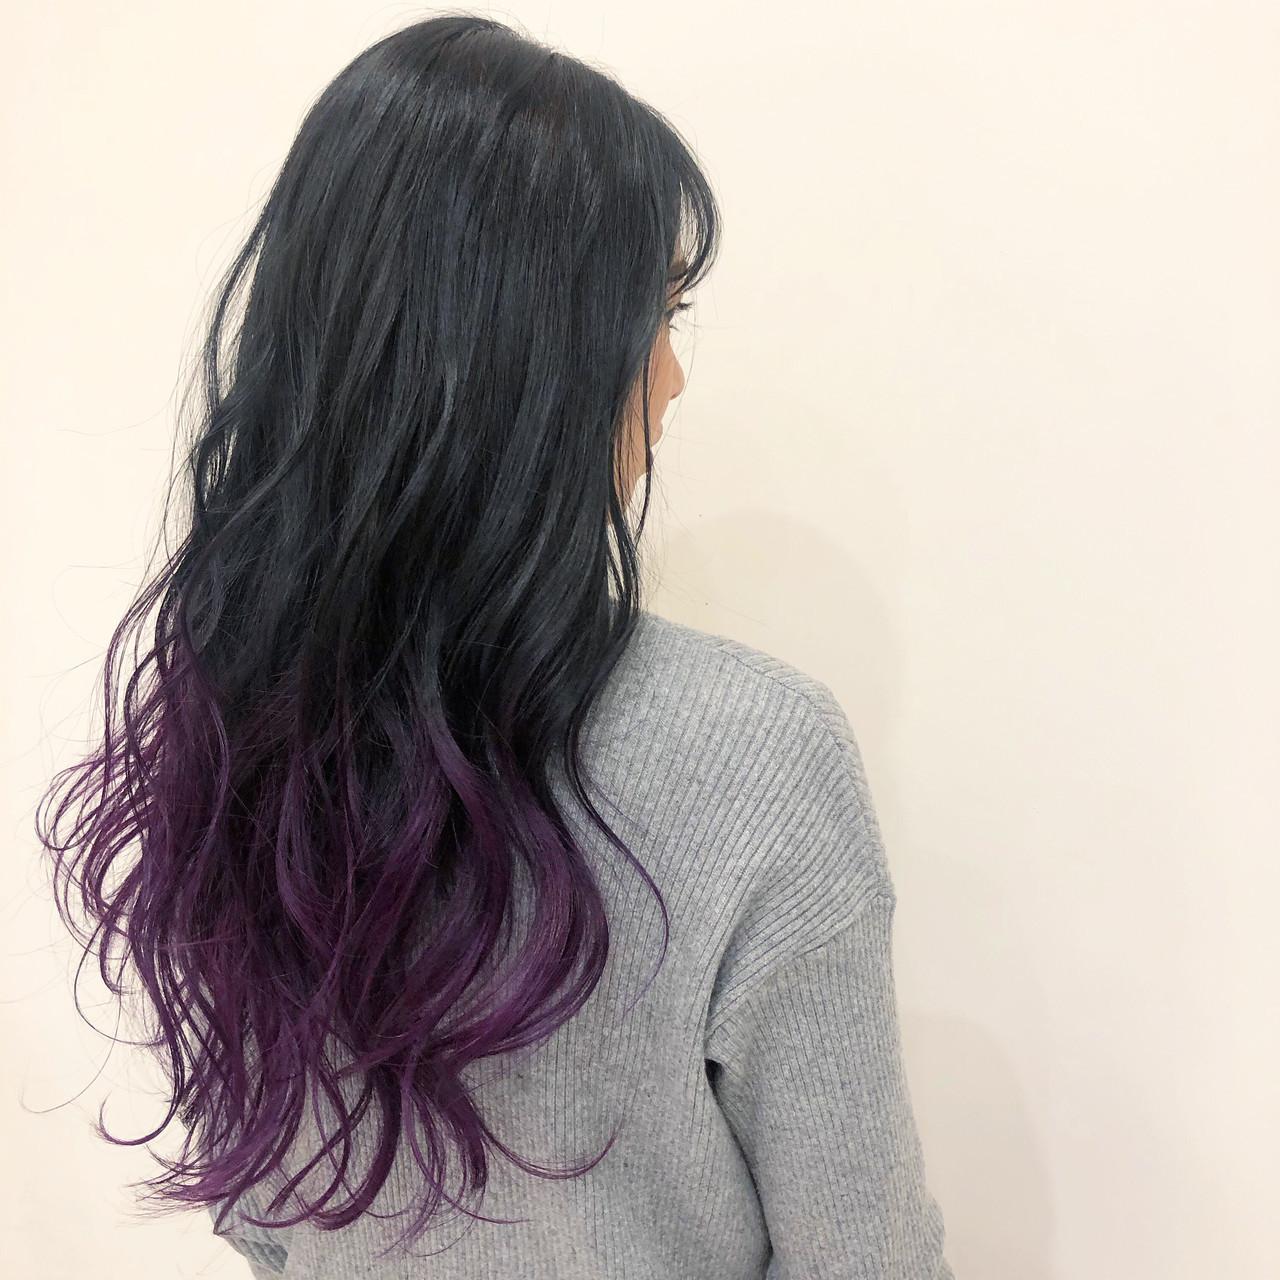 巻き髪 パープルカラー グラデーションカラー グラデーション ヘアスタイルや髪型の写真・画像